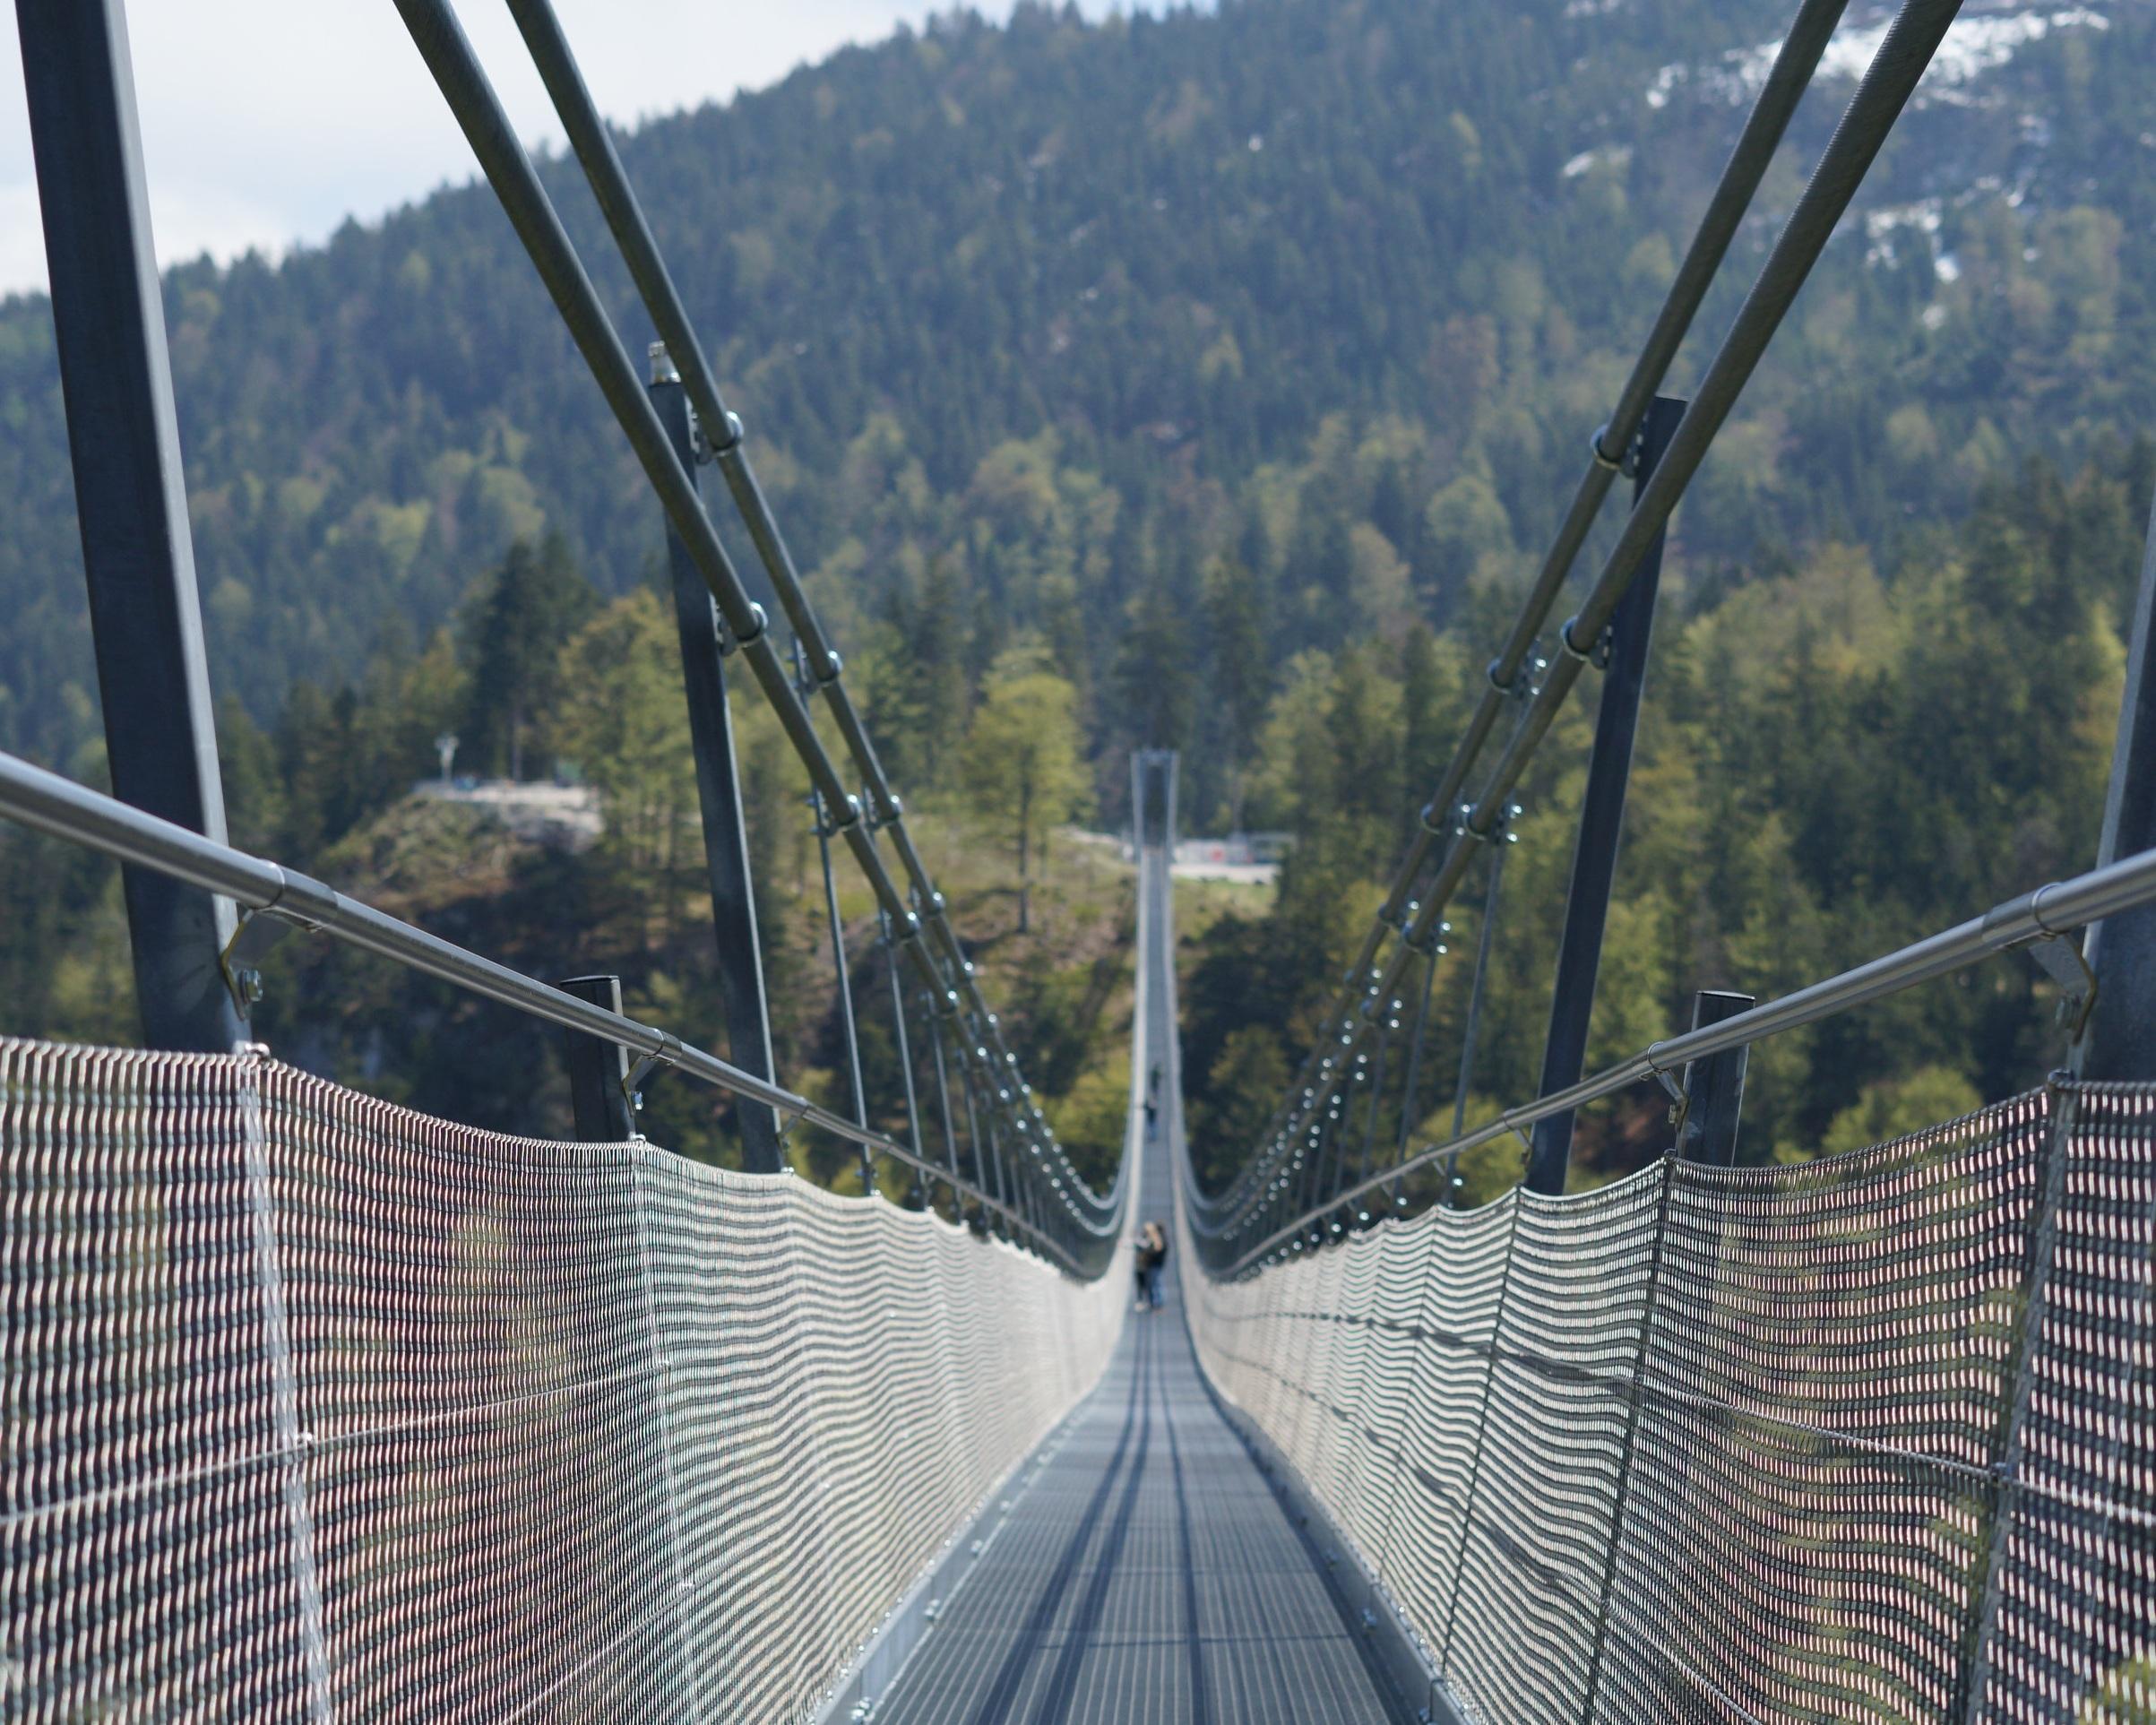 First Stop: Highline179 - Reutte, Austria